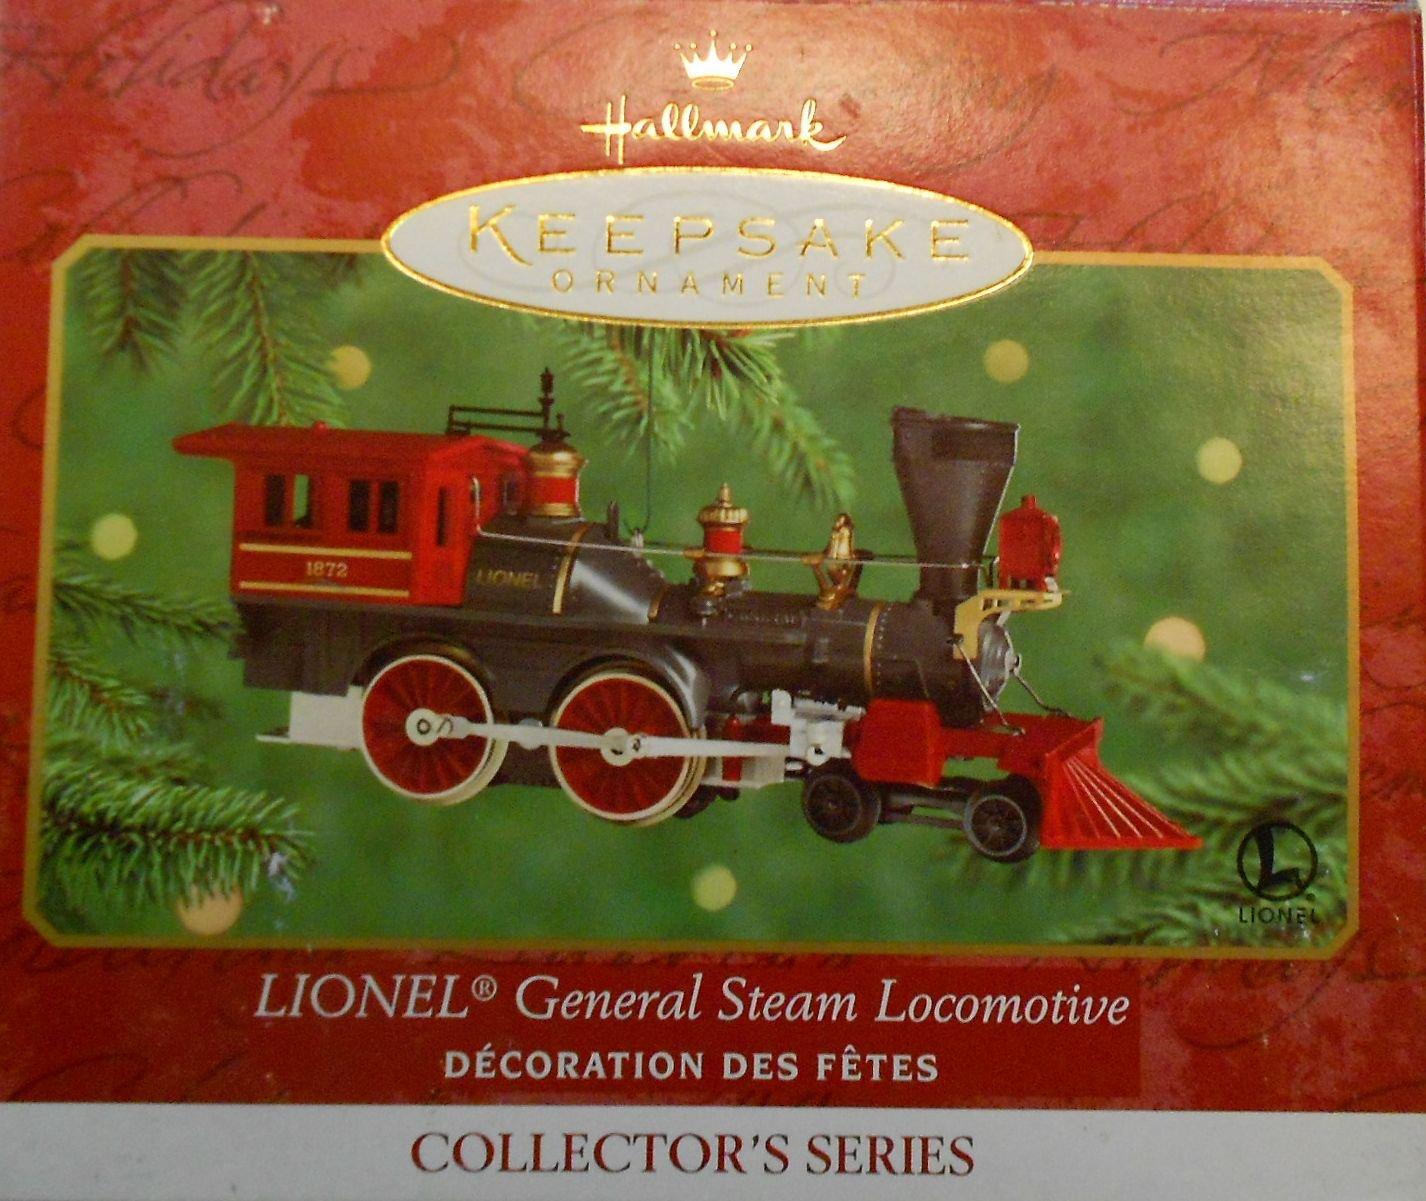 QX6684 Lionel General Steam Locomotive Lionel Trains 5th Hallmark Keepsake Ornament 2000